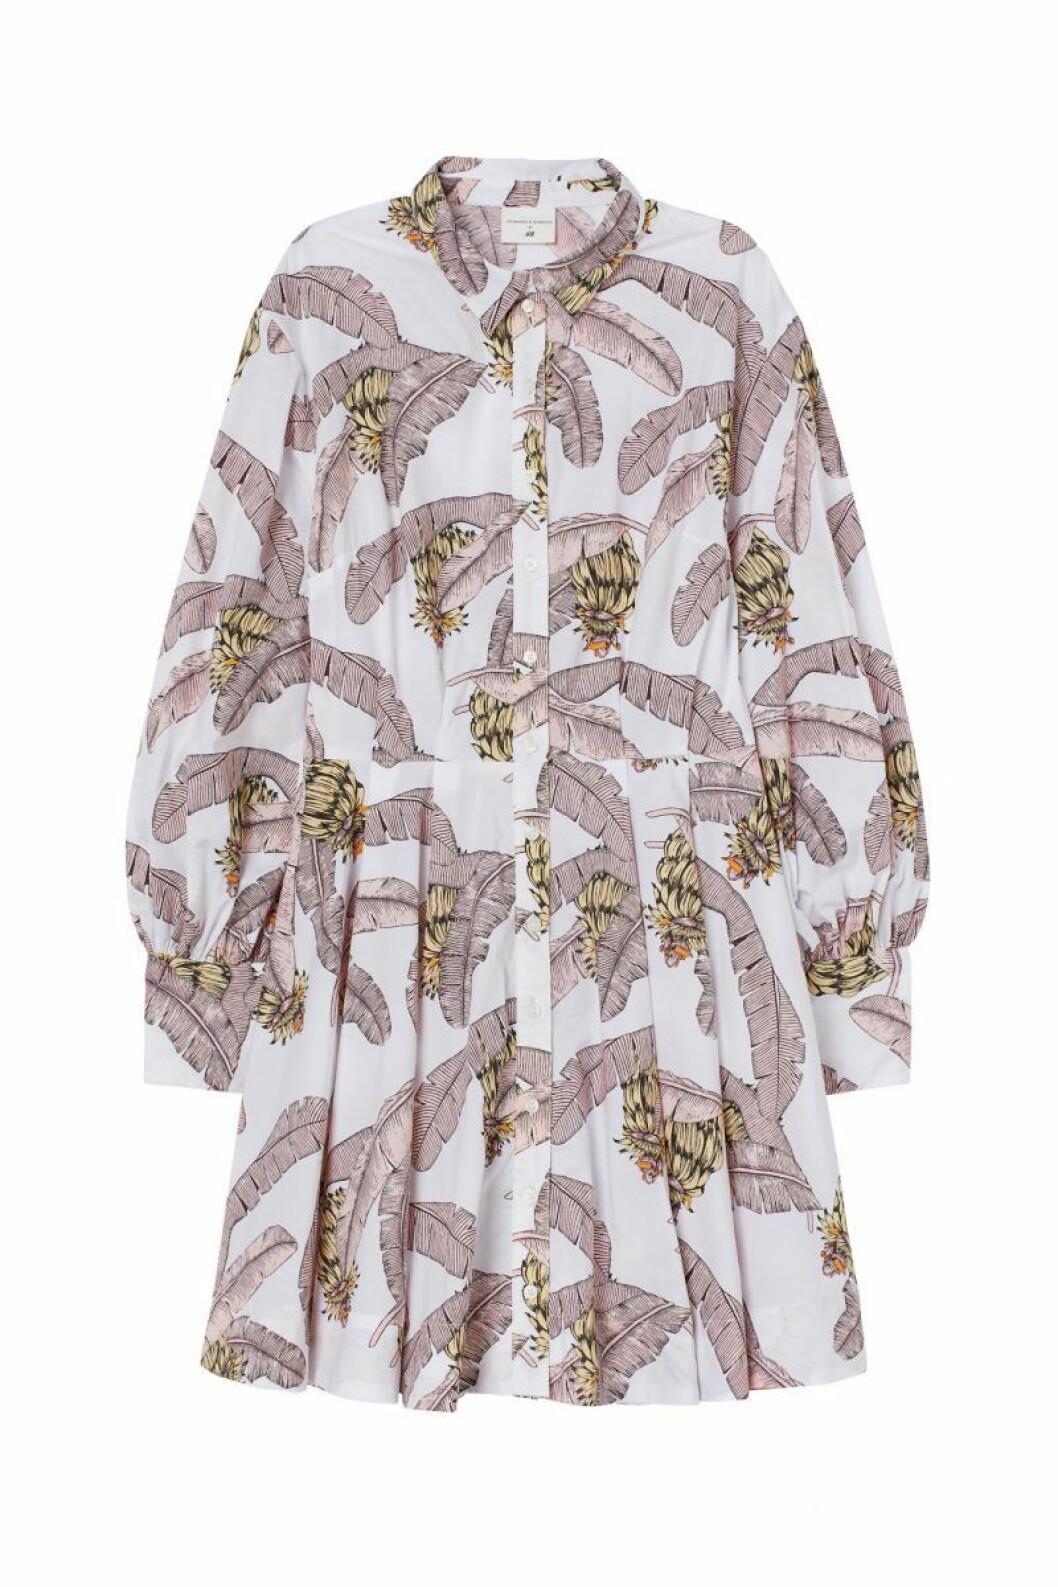 H&M x Desmond & Dempsey sommarkollektion 2020: skjortklänning